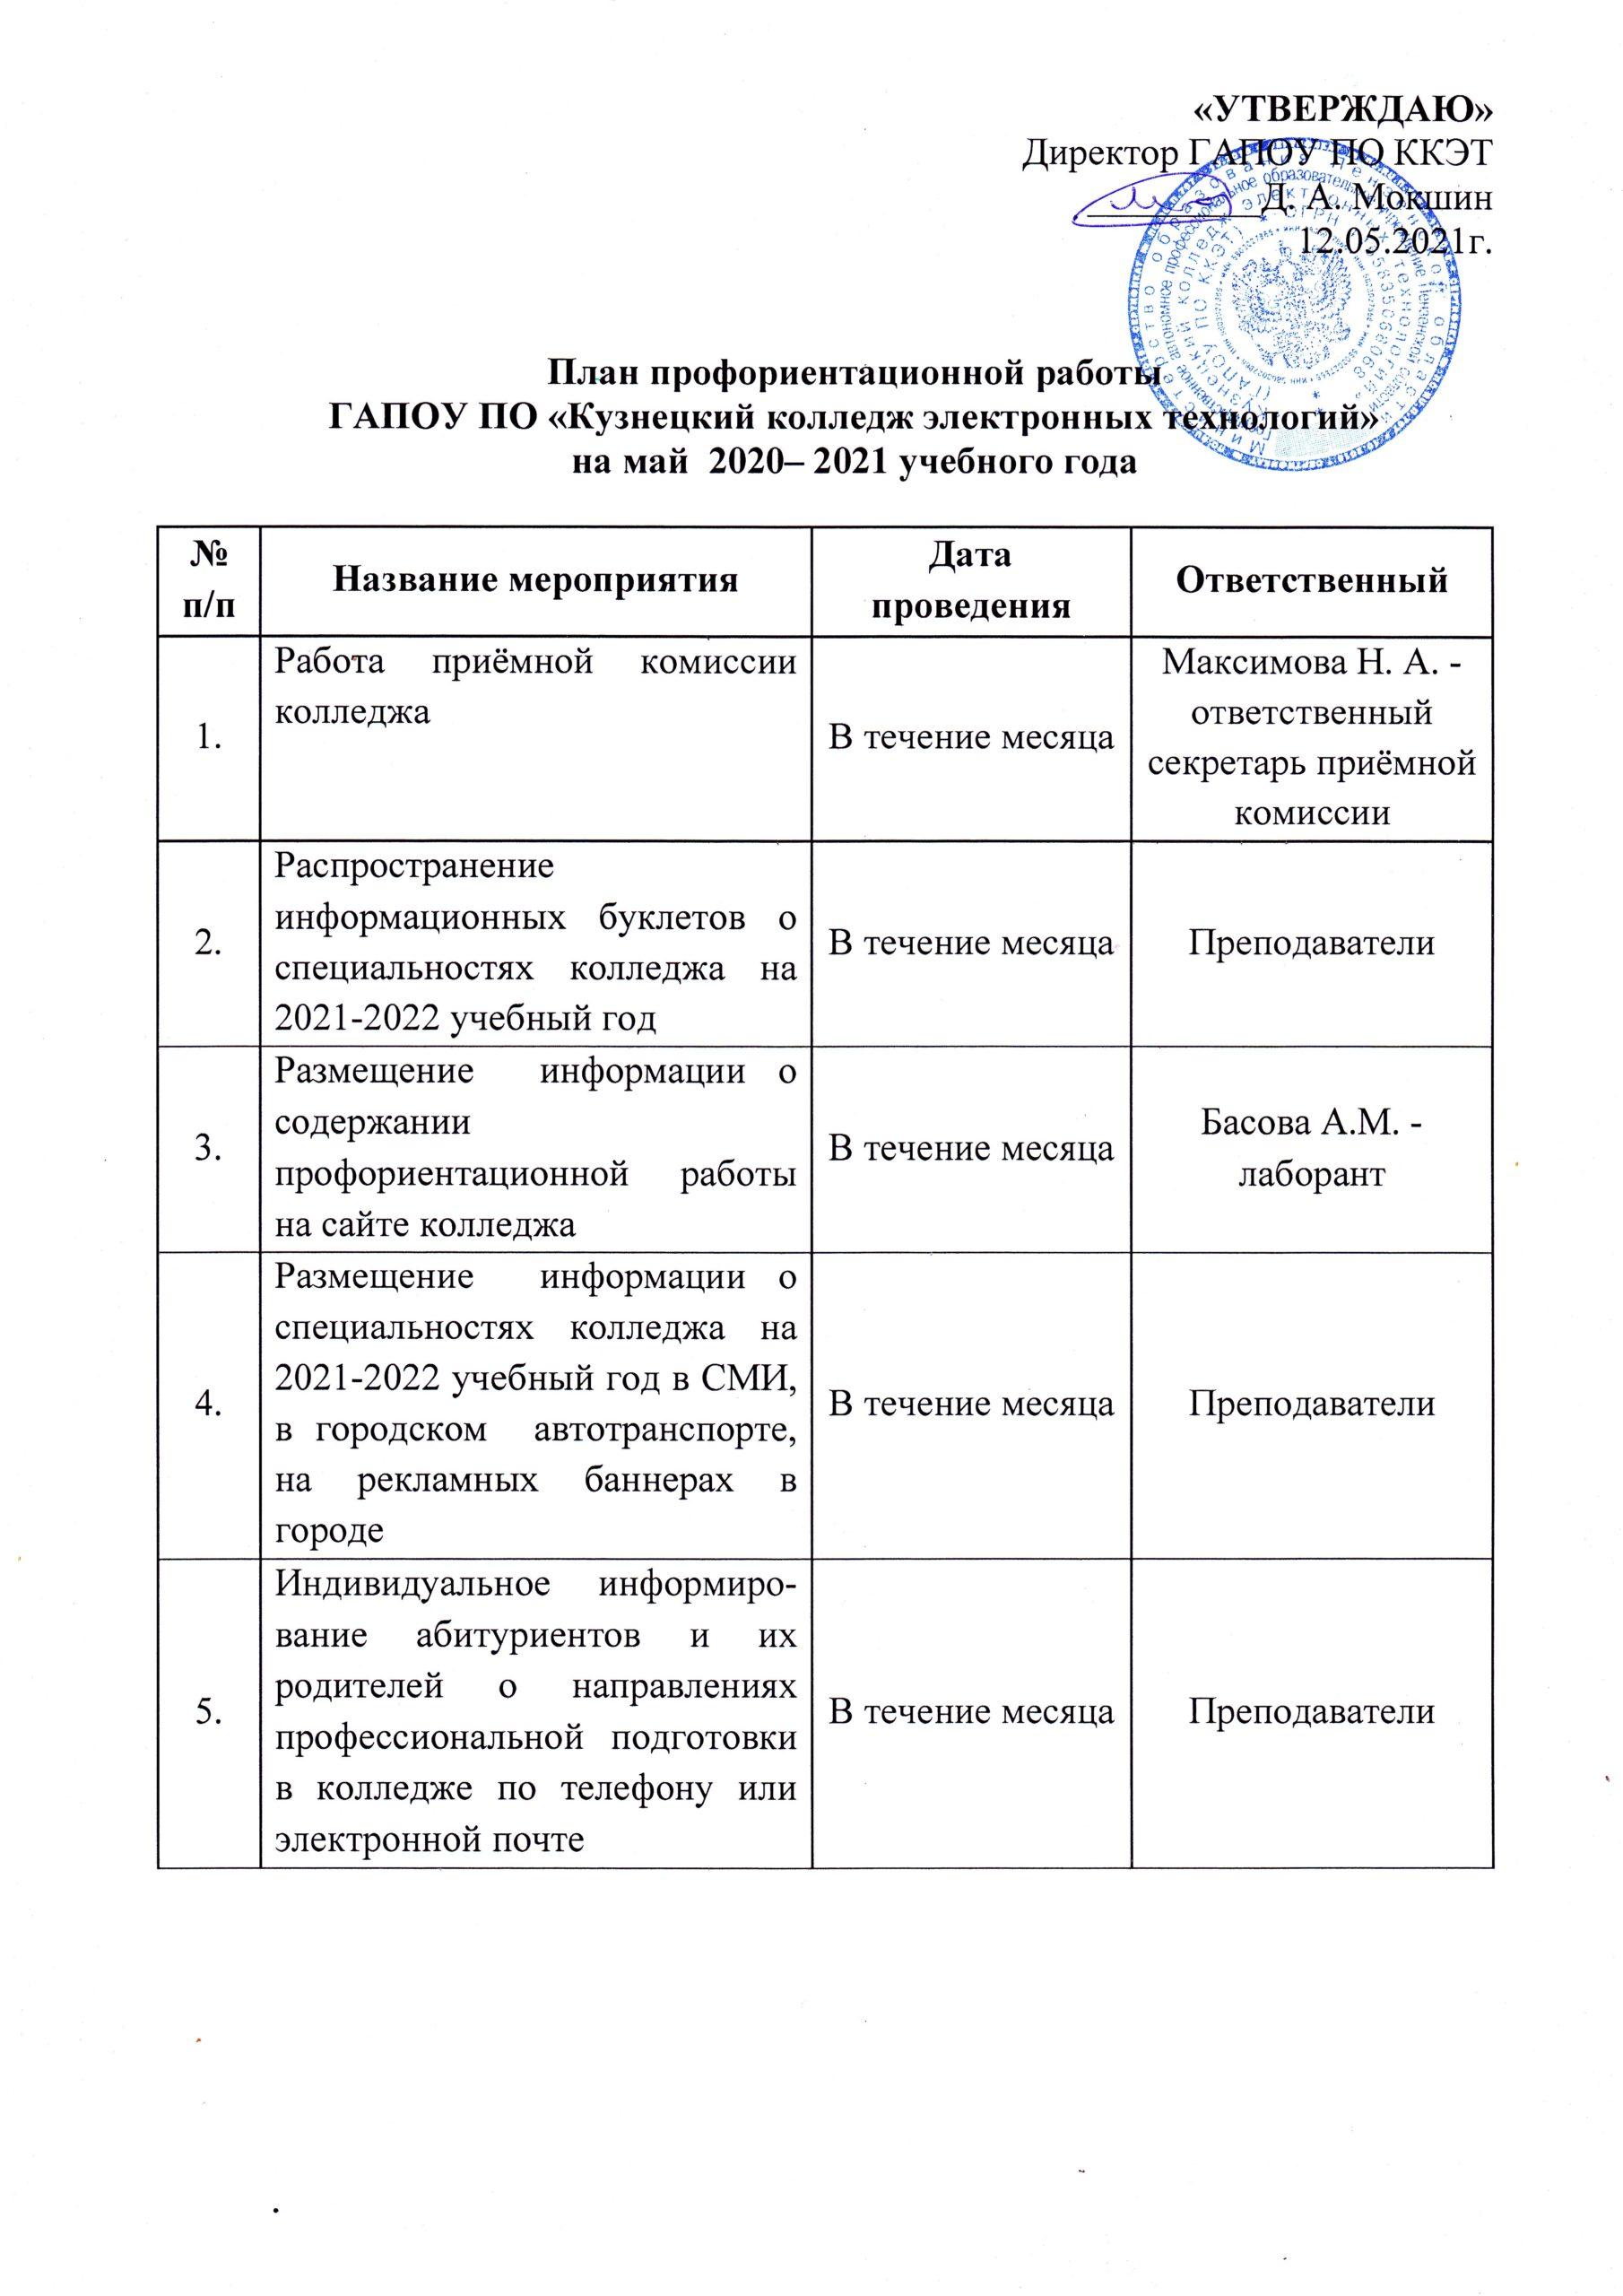 План профориентационной работы на май 2020-2021 года